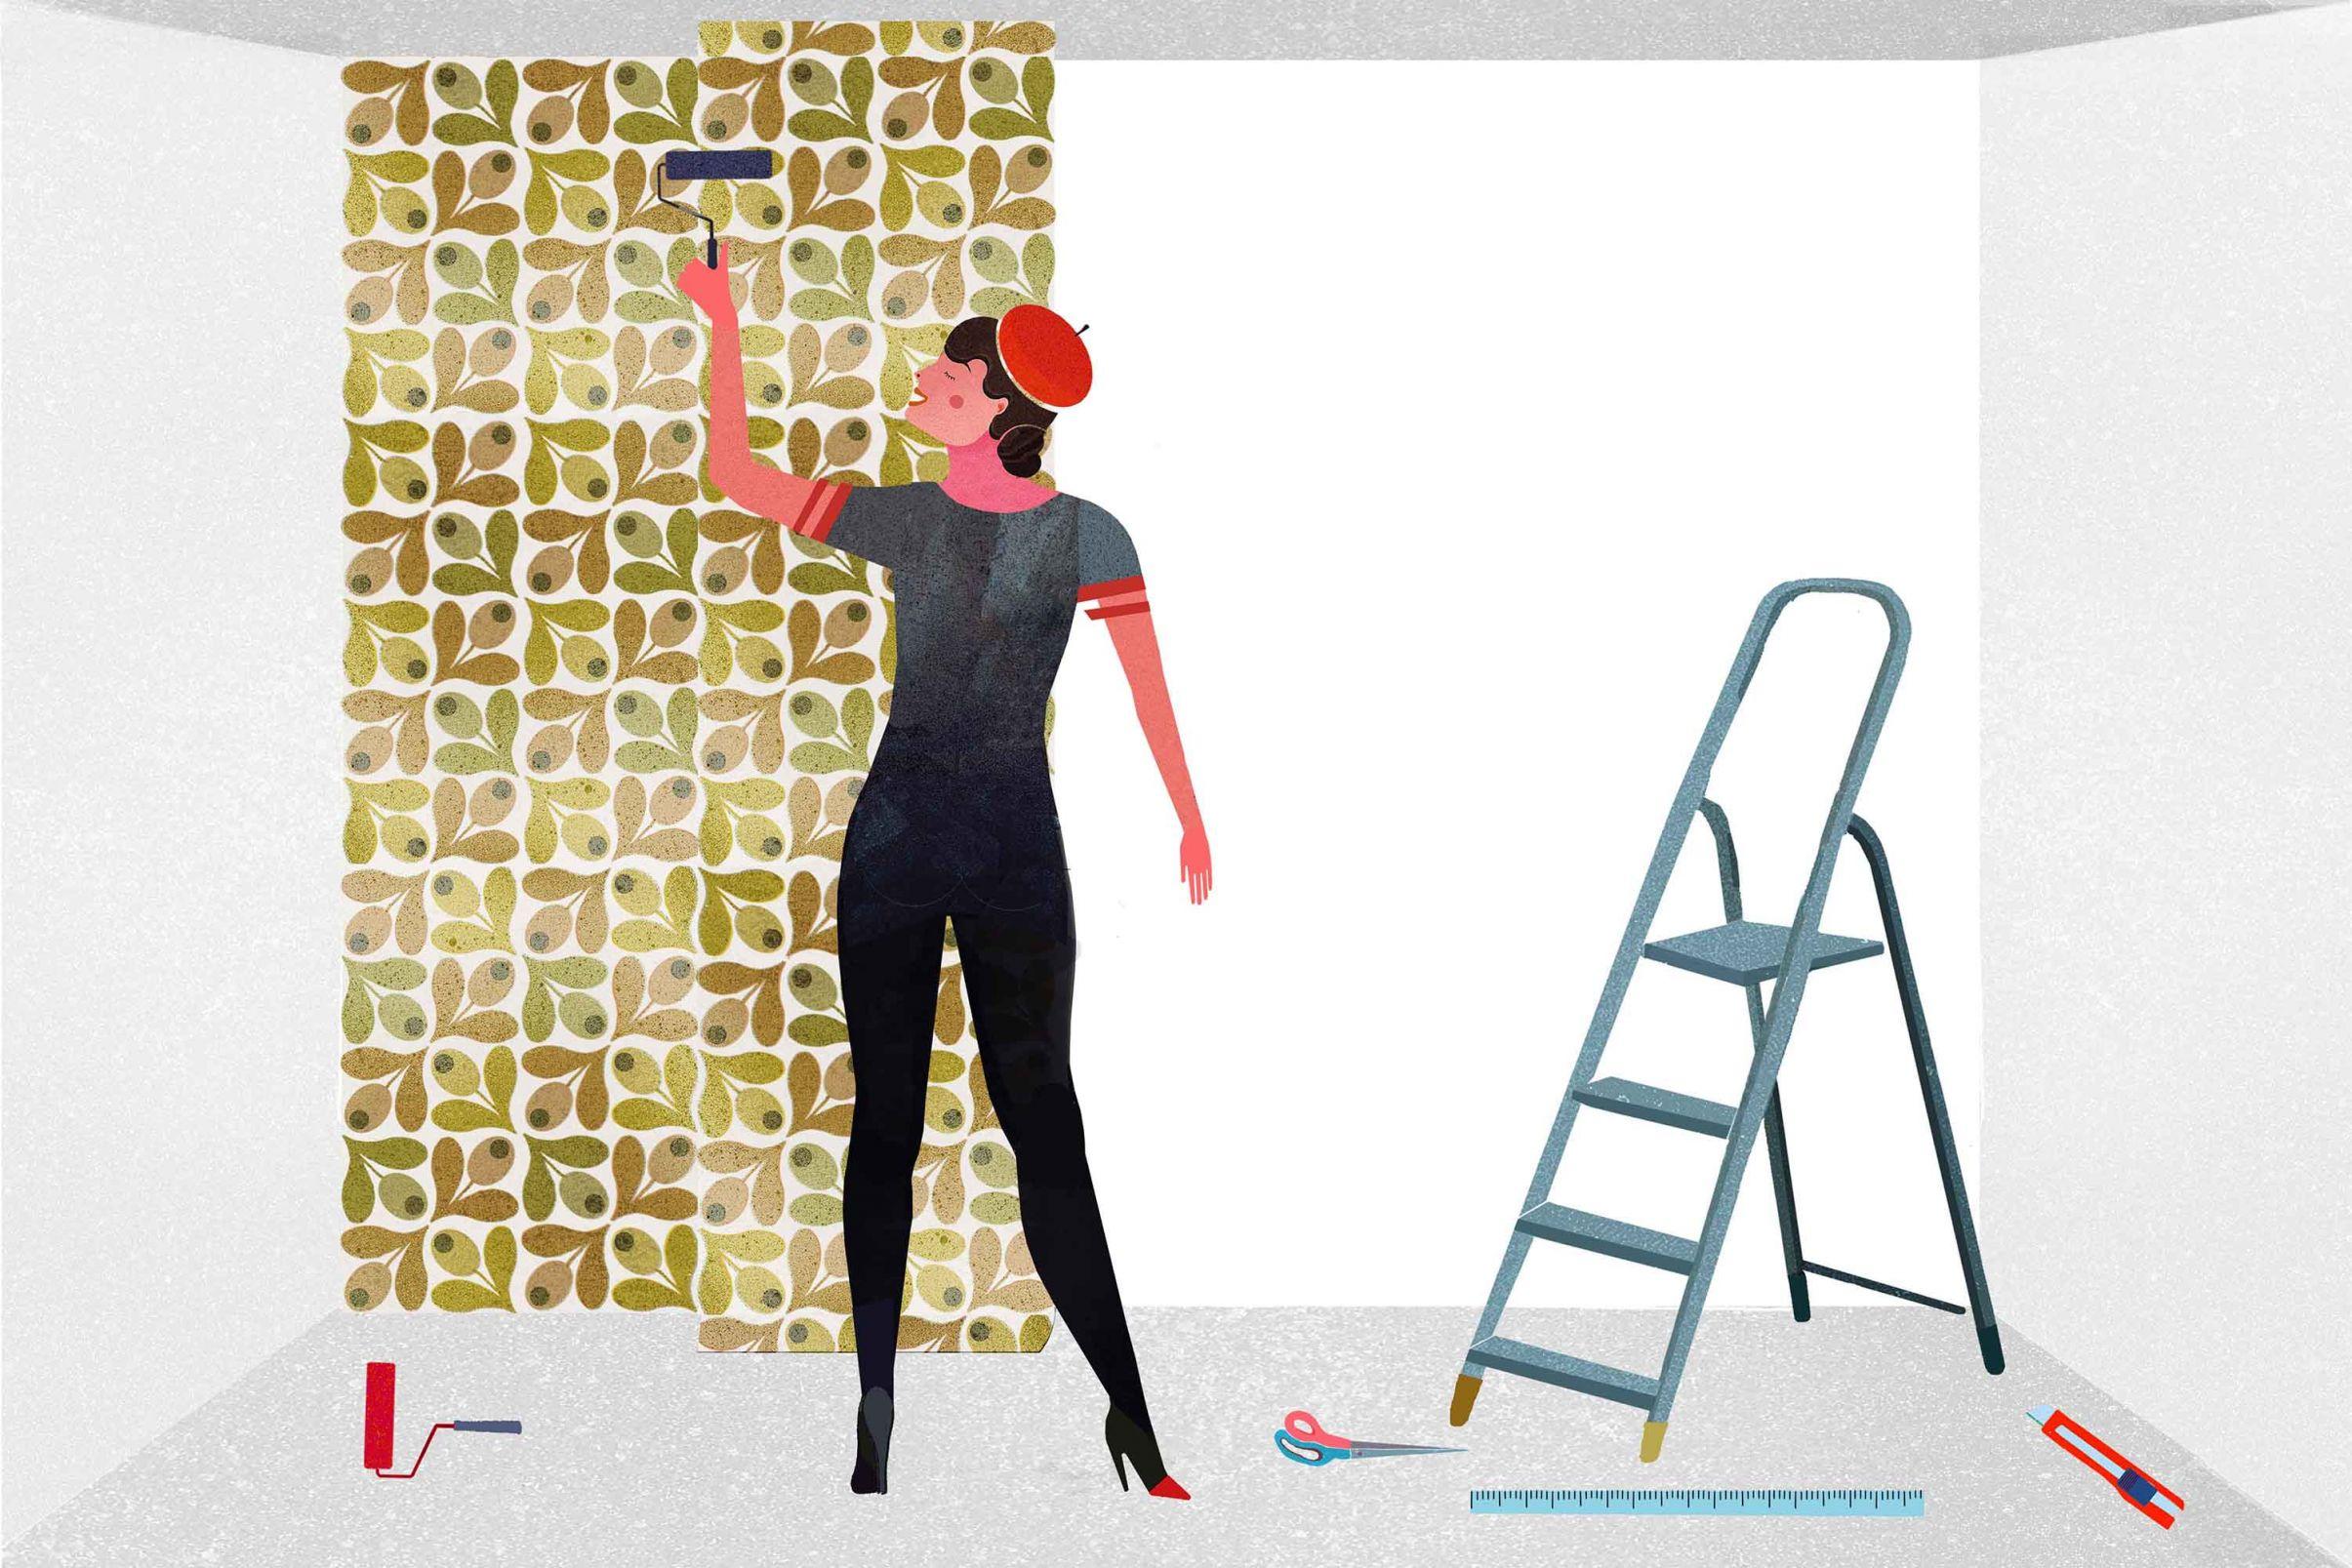 Como-colocar-papel-pintado-tejido-no-tejido-Presionar-el-papel-pintado-con-atencion-especial-a-las-juntas